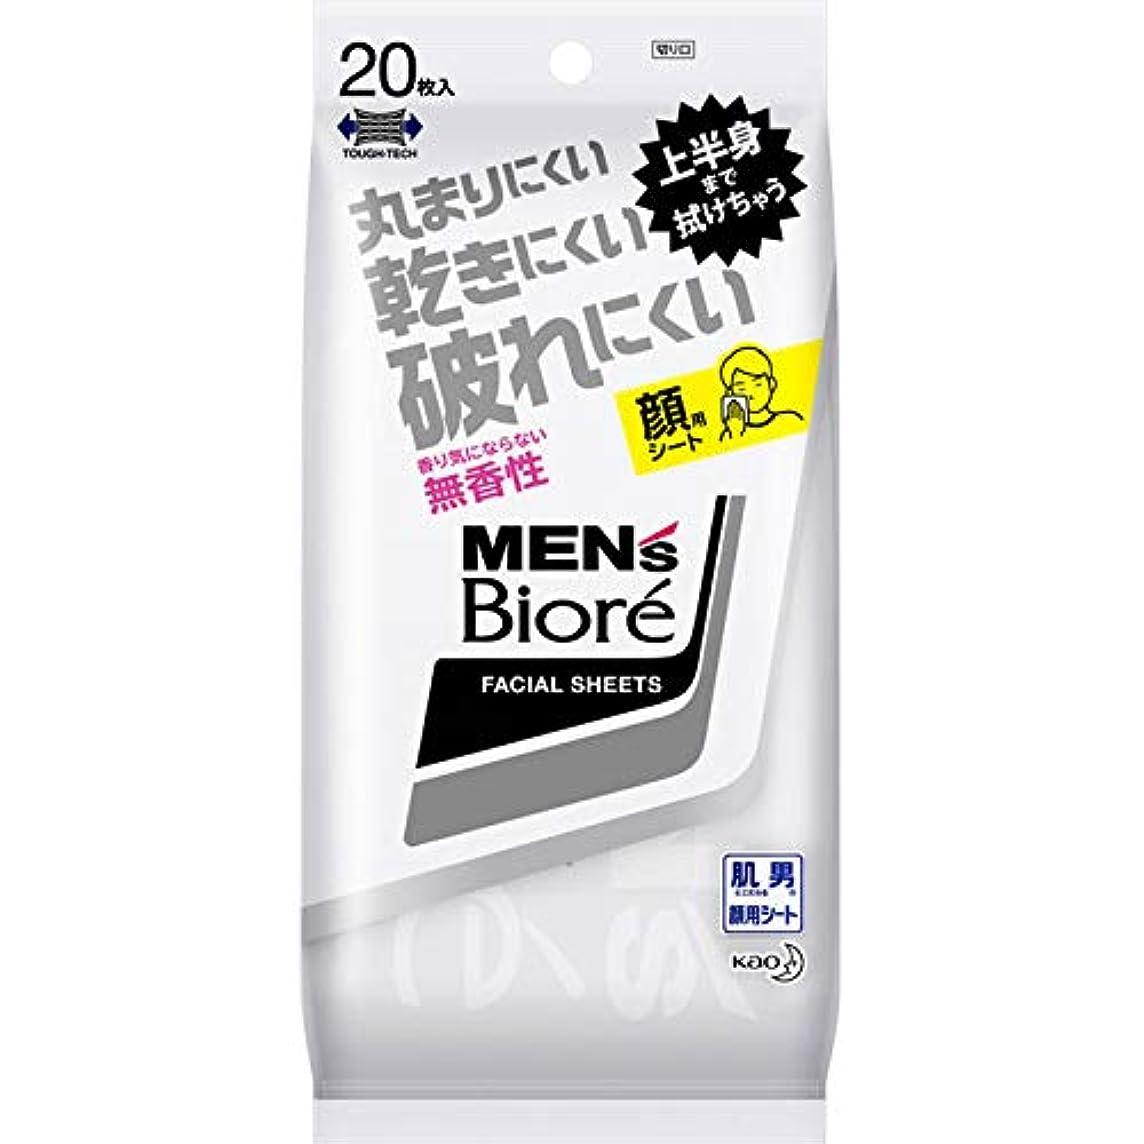 音声学風変わりな子花王 メンズビオレ 洗顔シート 香り気にならない無香性 携帯用 (20枚入) ビオレ フェイスシート